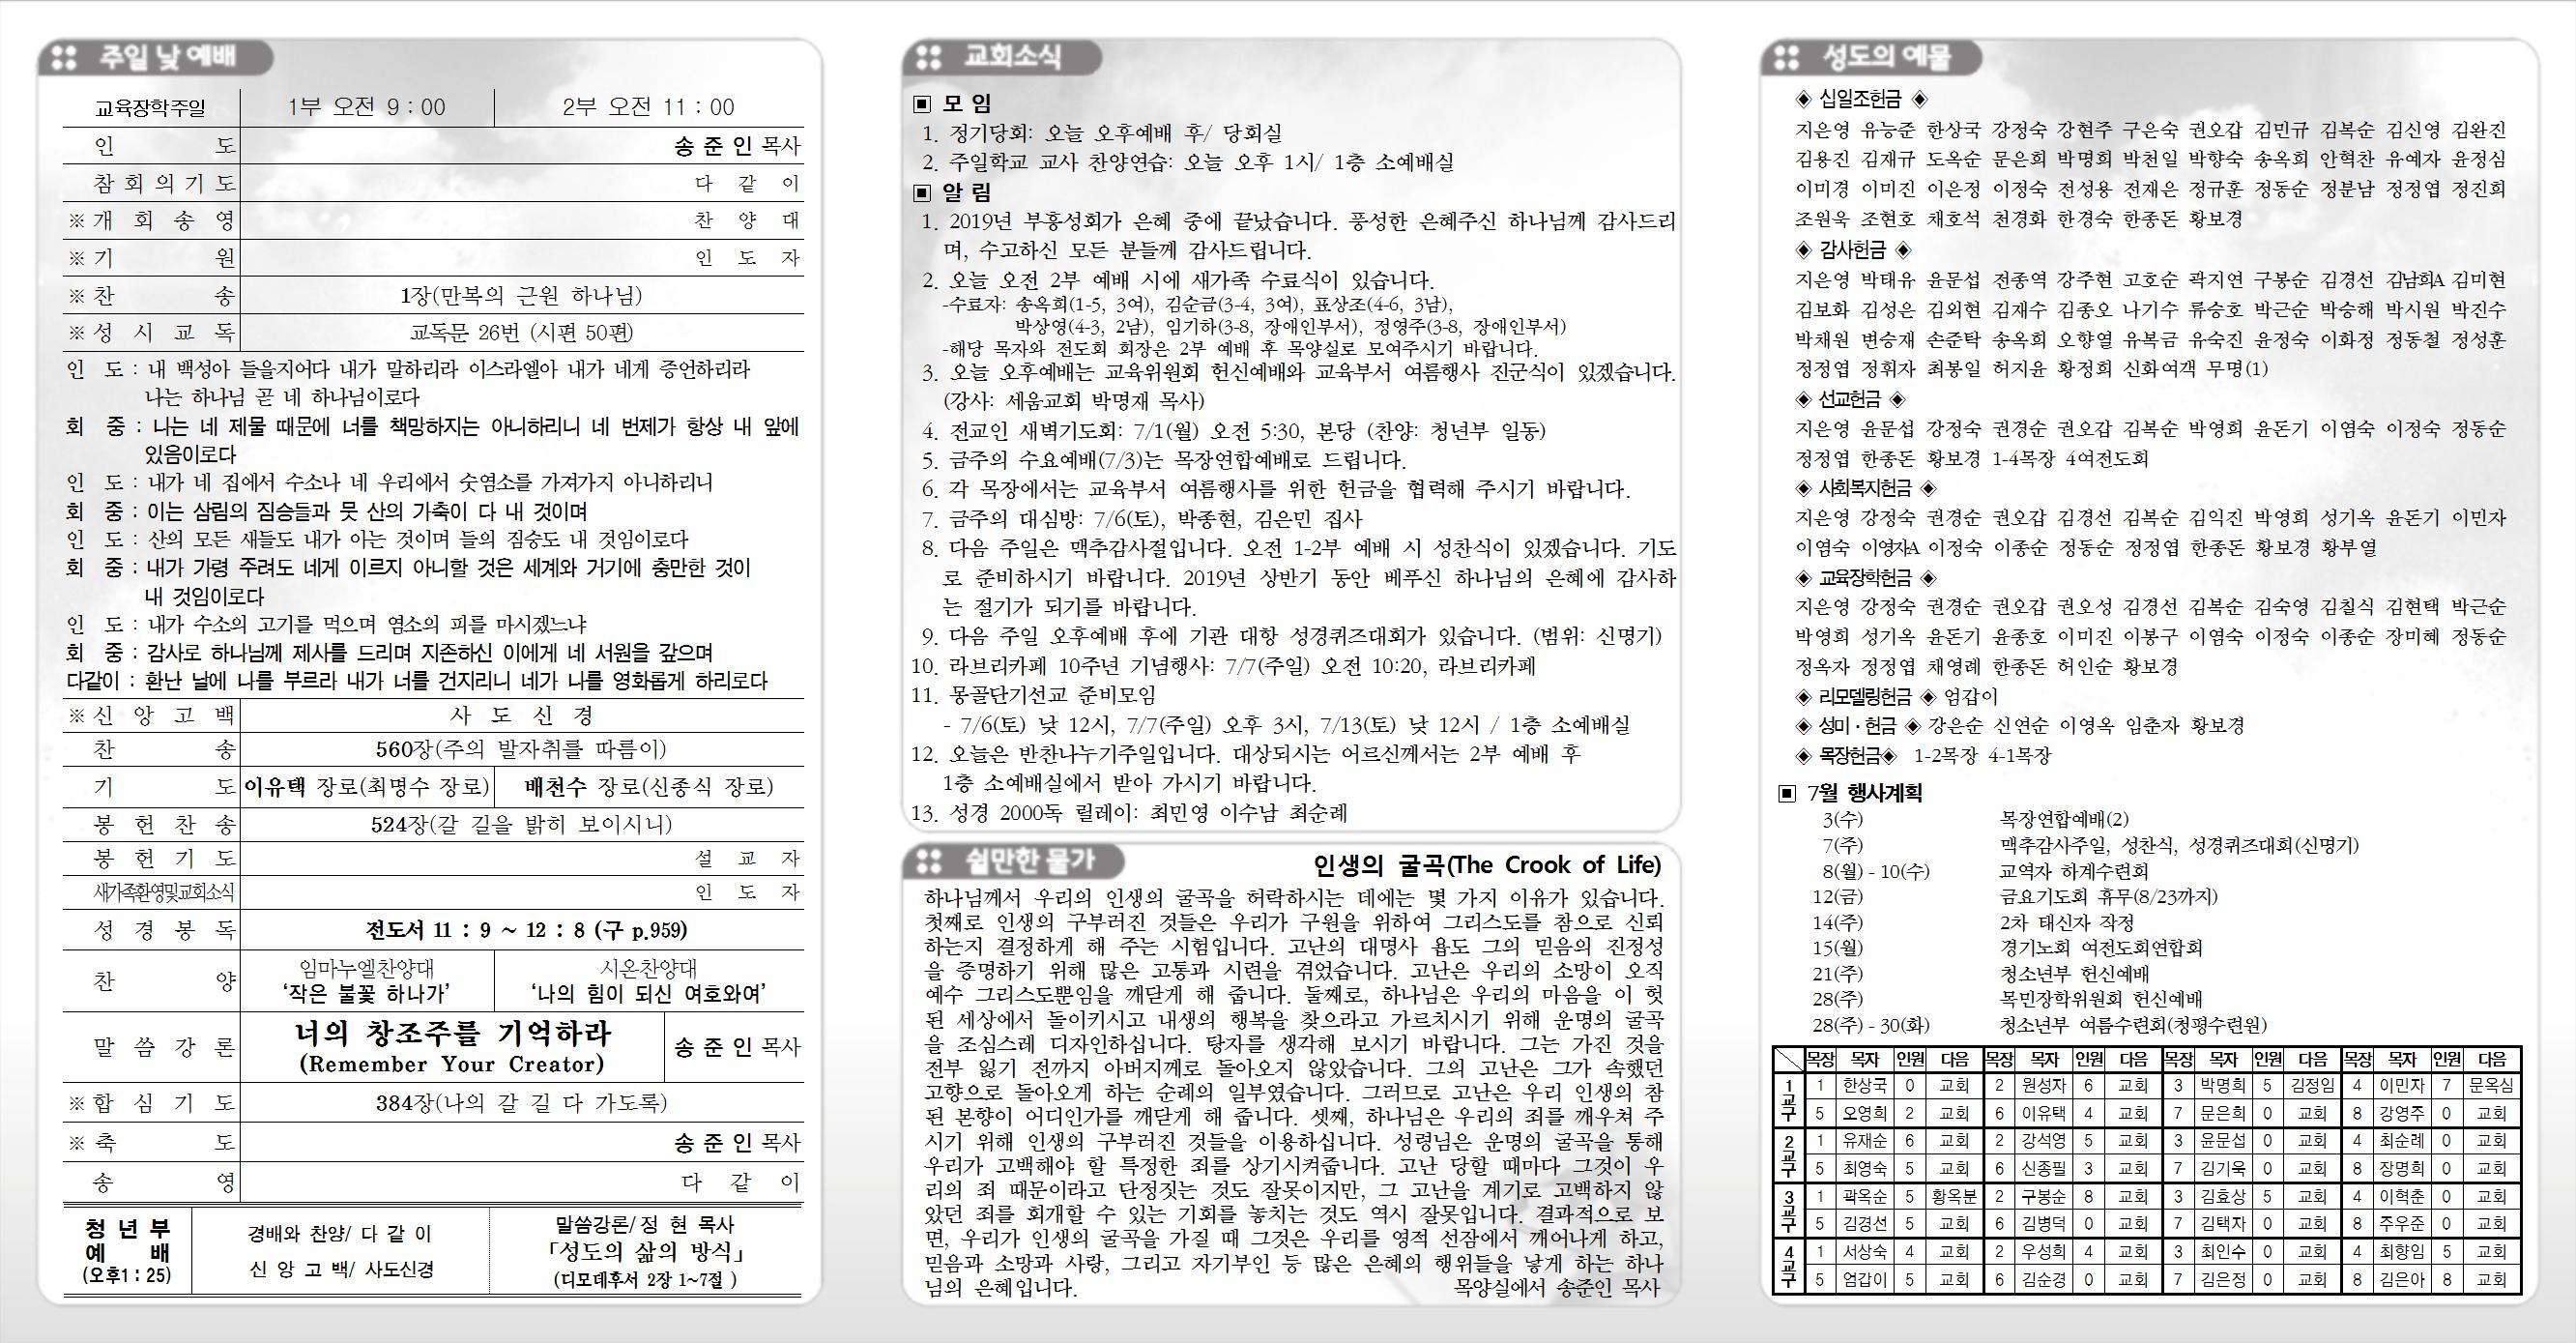 20190630청량주보(광고면)001.jpg